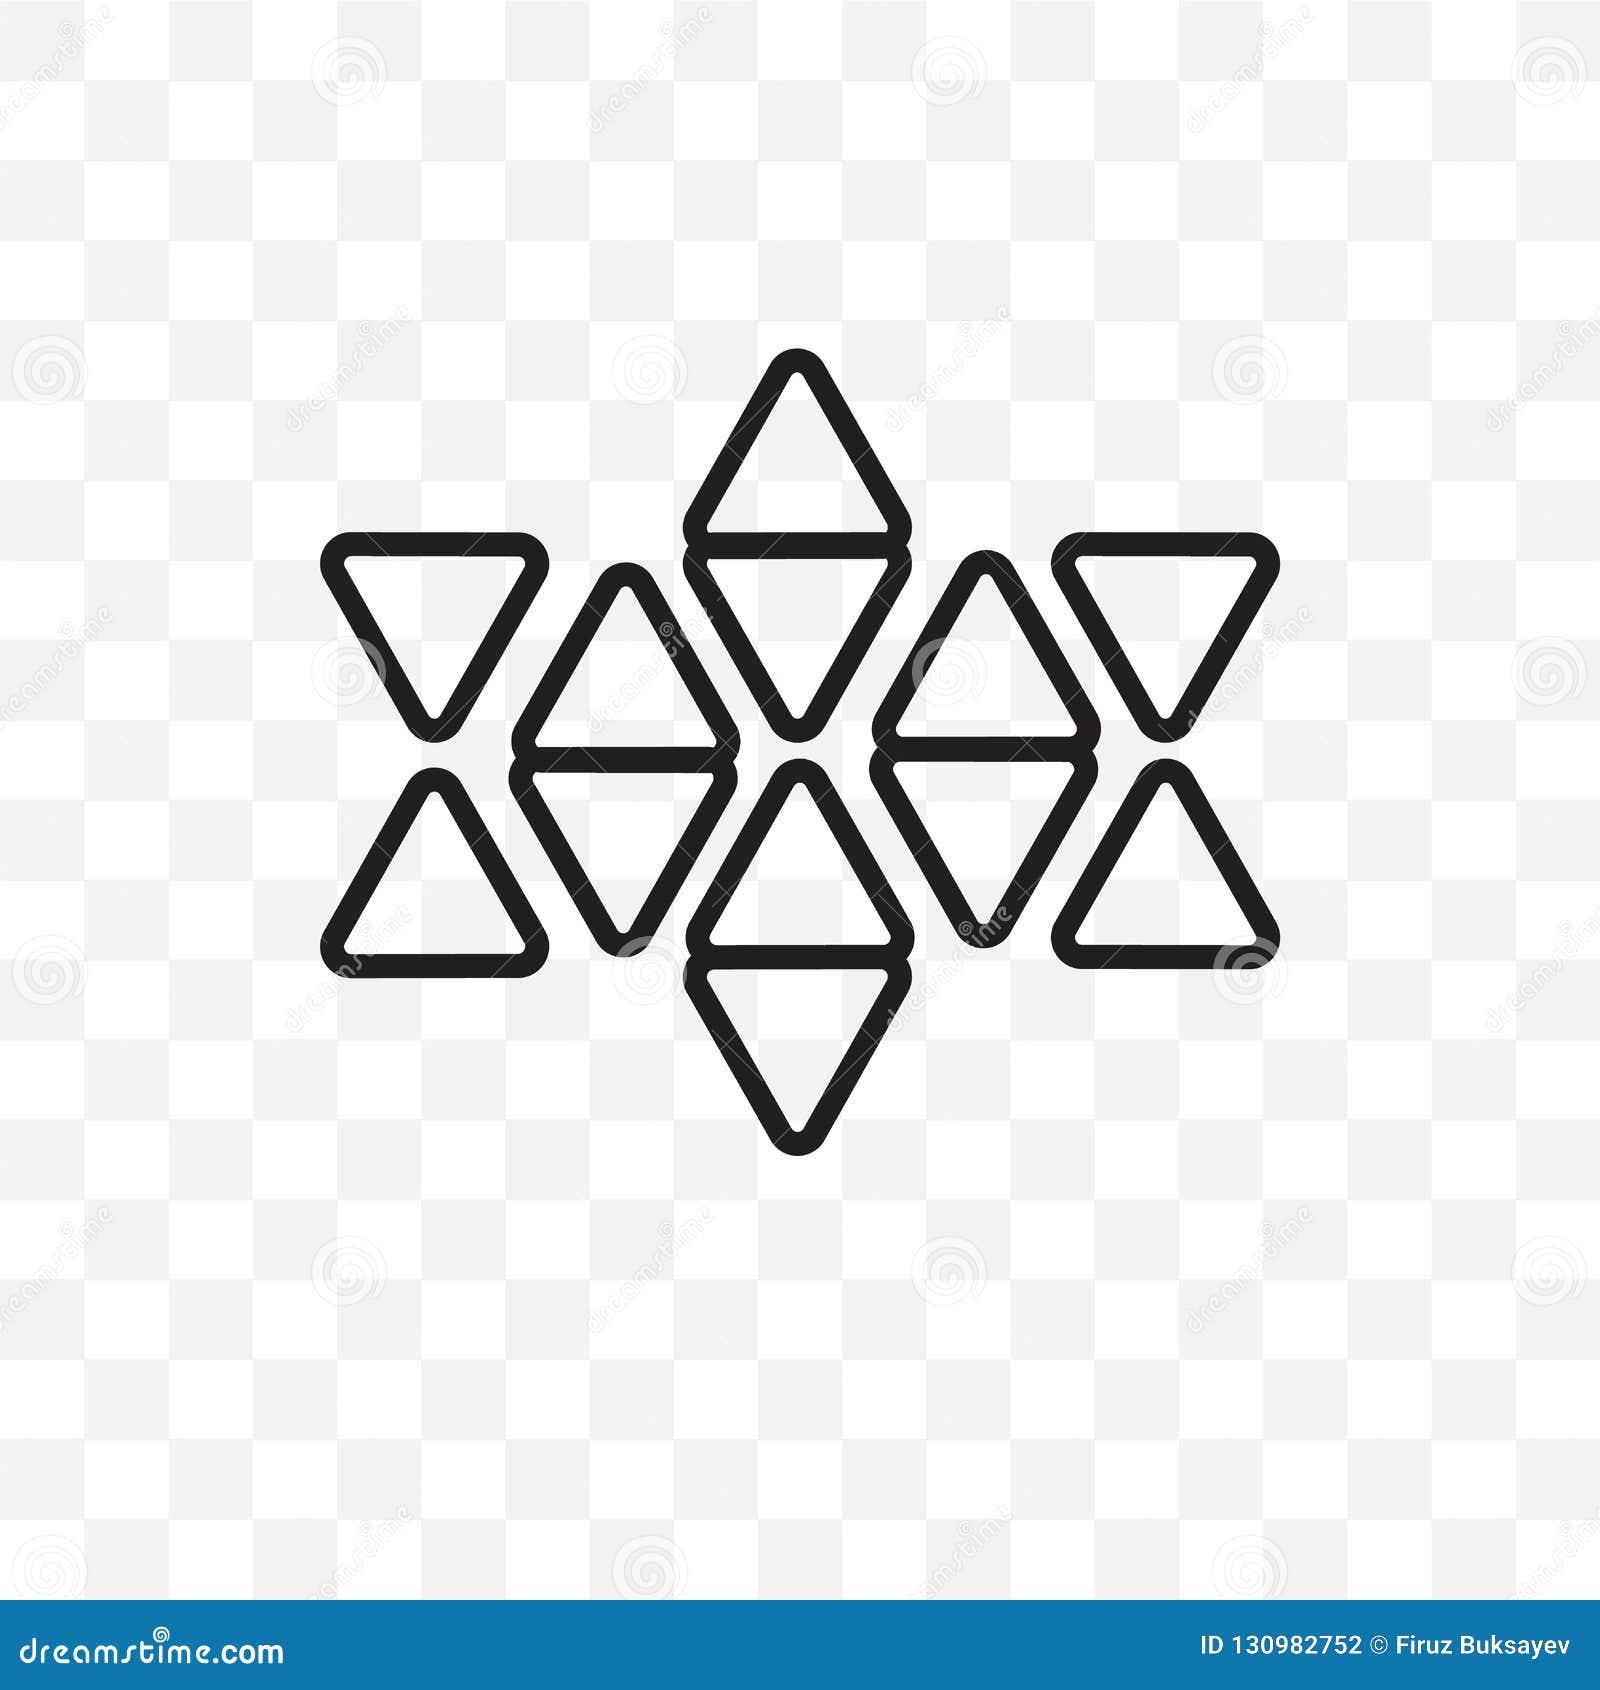 La estrella de seis puntos del icono linear del vector aislado en el fondo transparente, estrella de seis puntos del concepto de